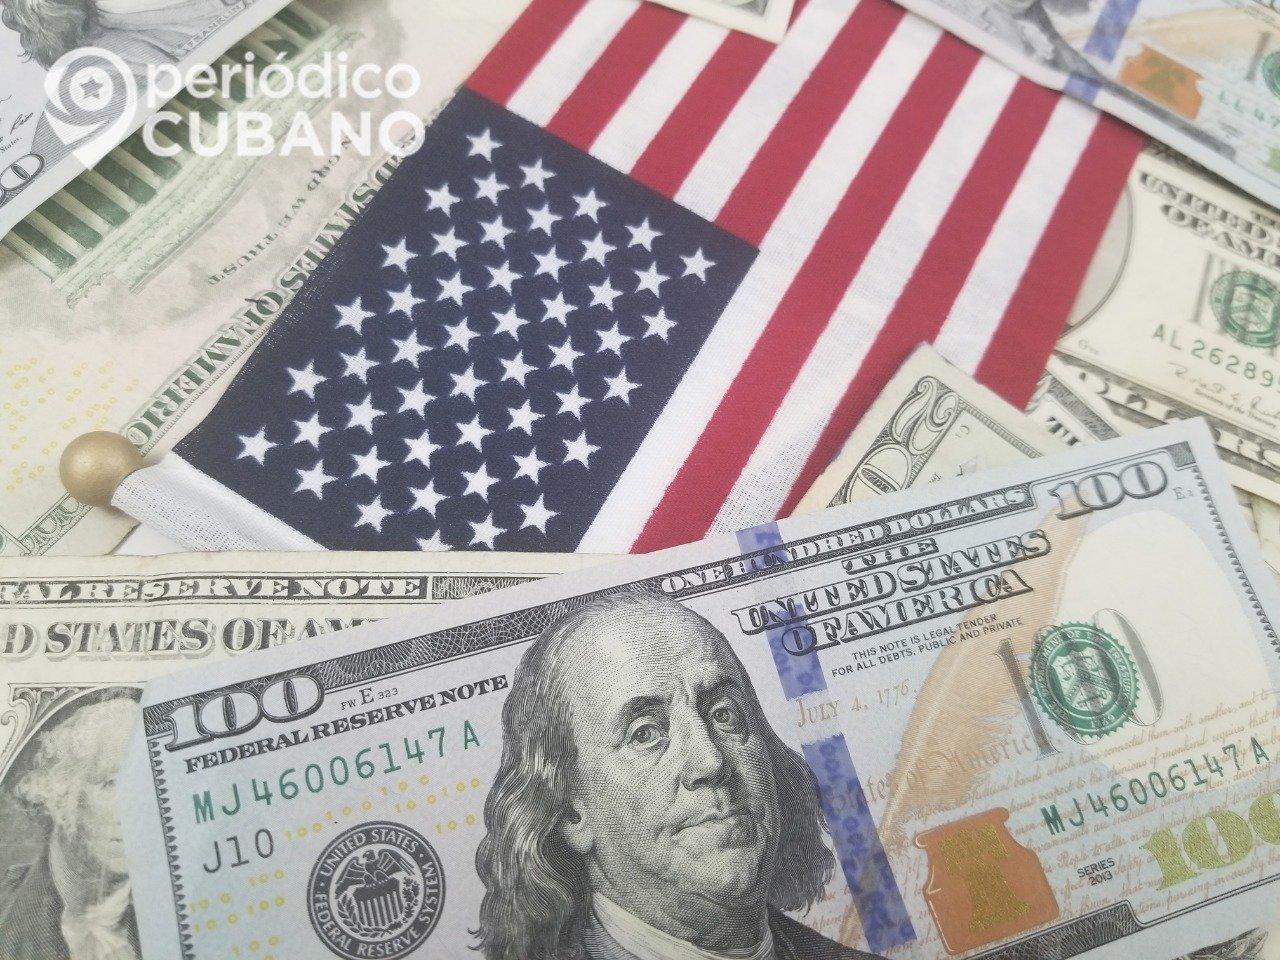 La economía de EEUU se contrae 4.8% en el primer trimestre del año